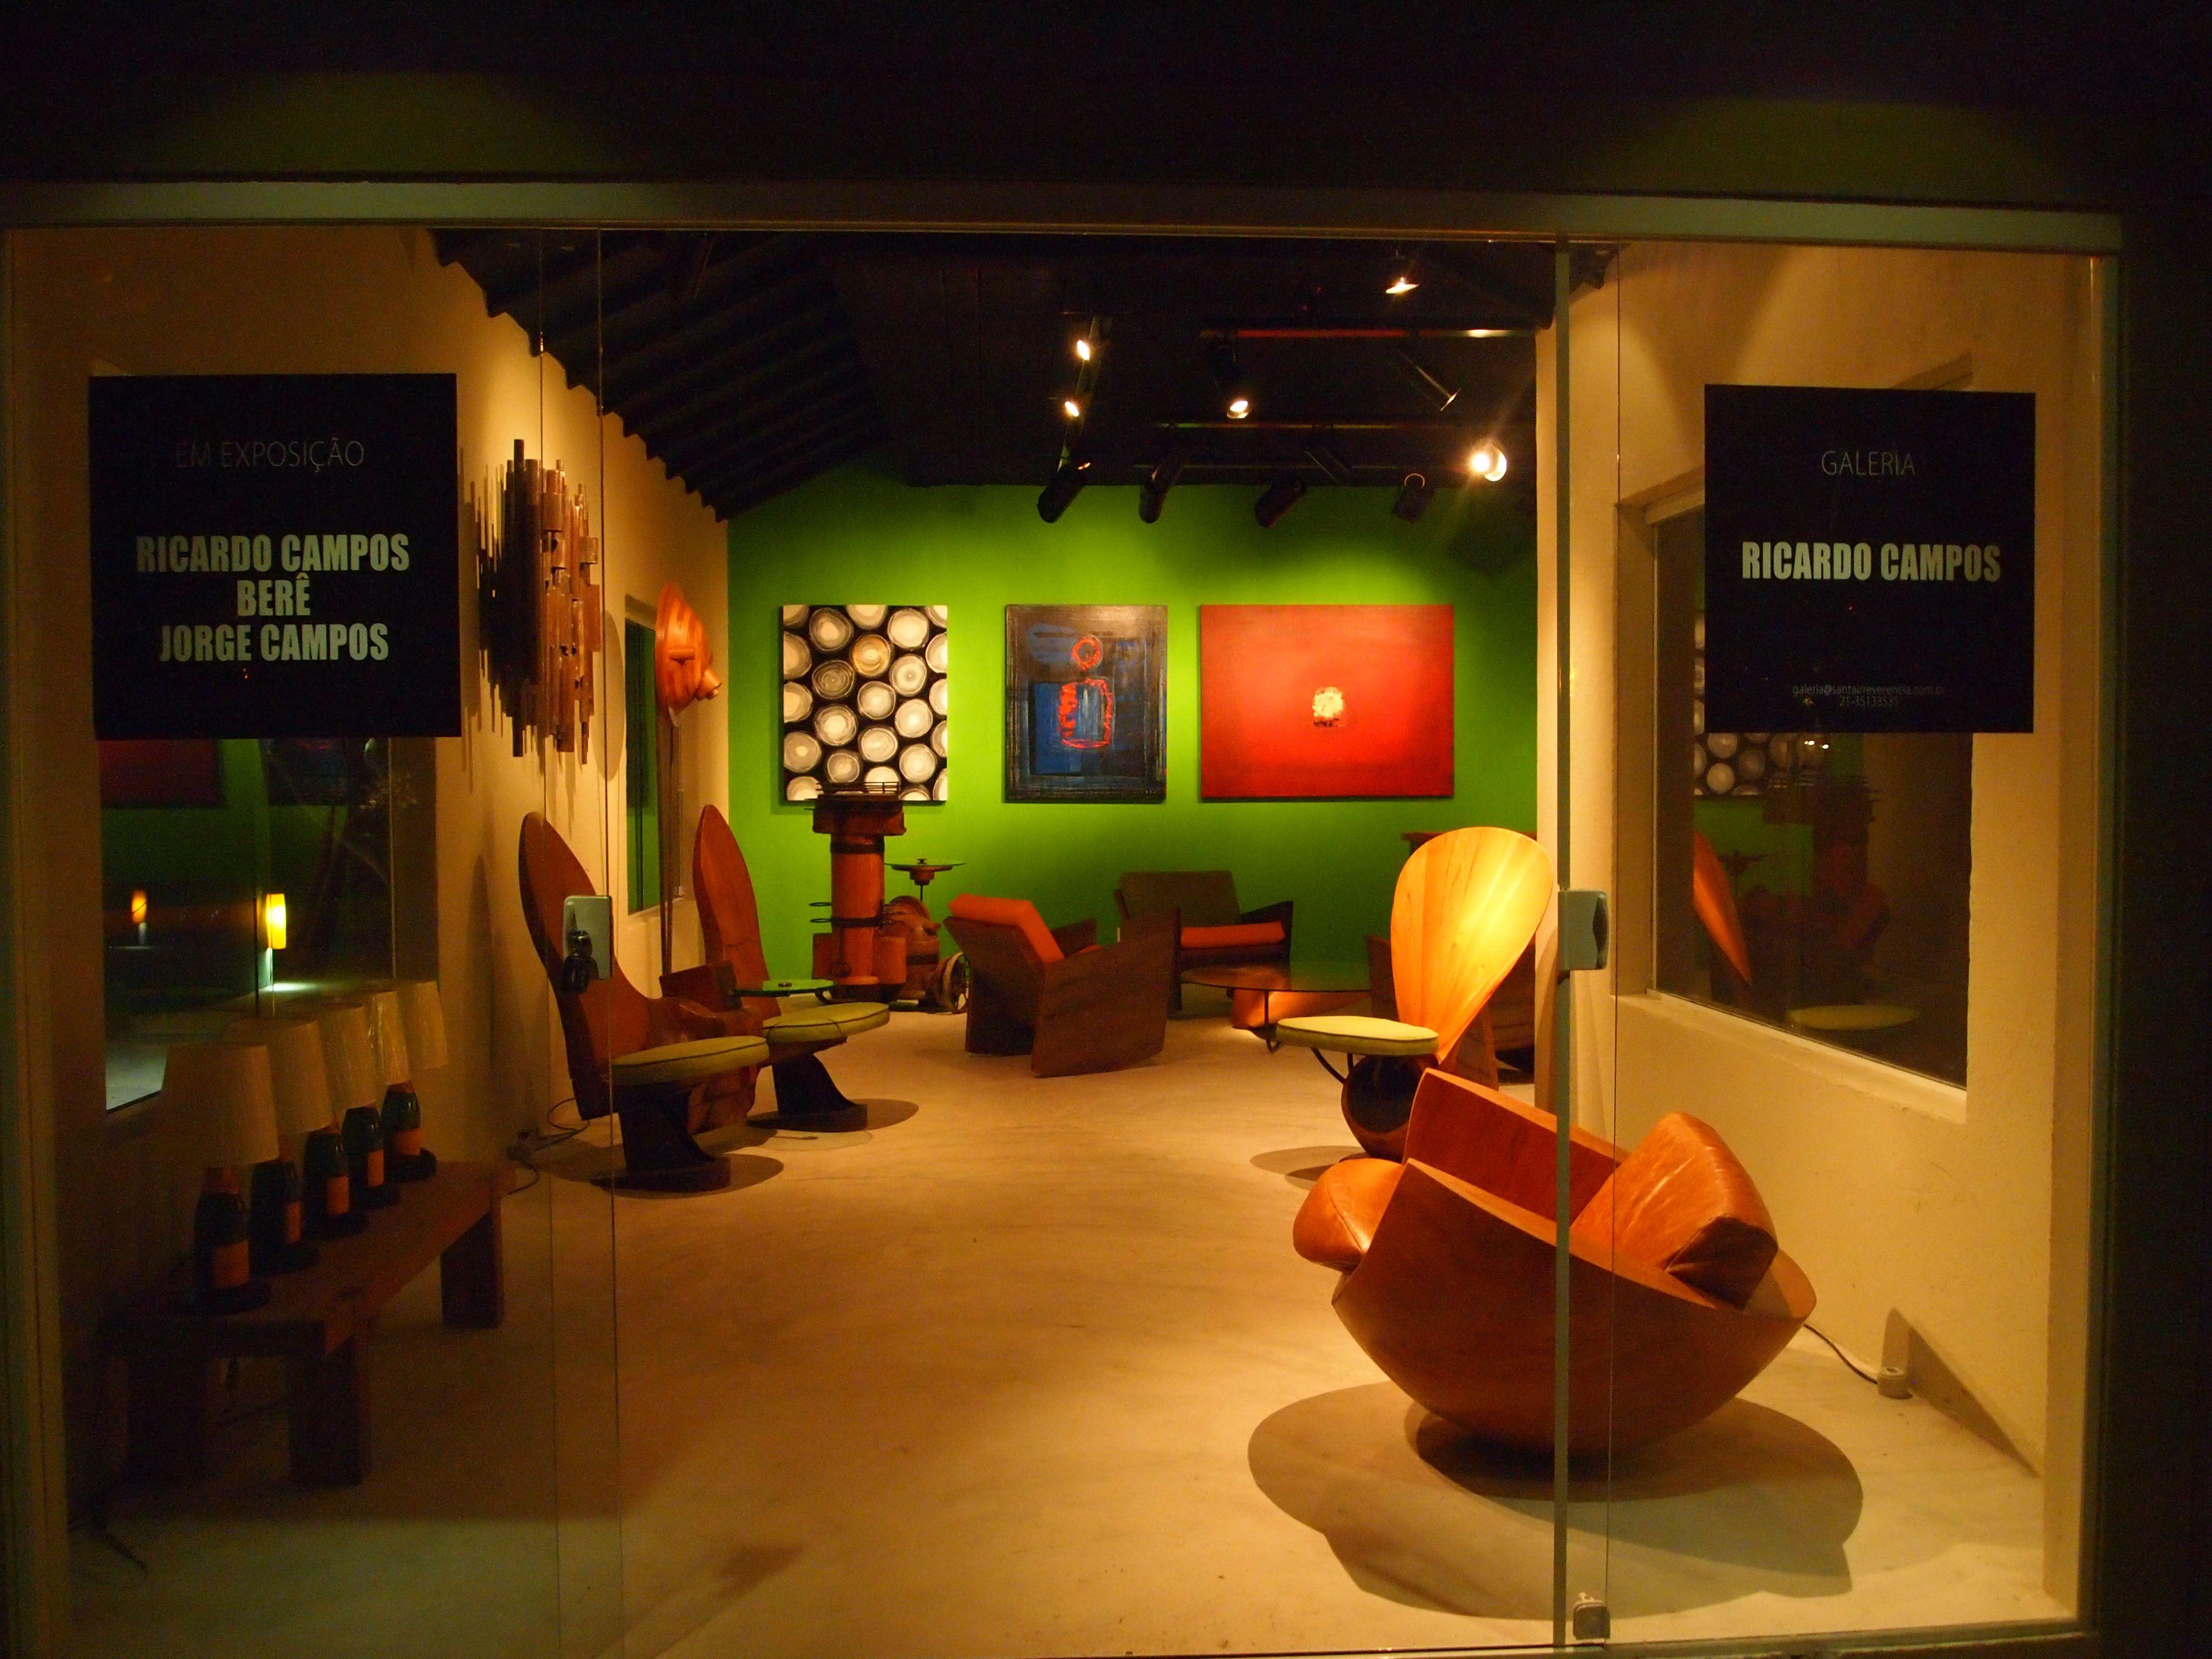 Galeria do arquiteto Ricardo Campos no Porto da Barra, Búzios